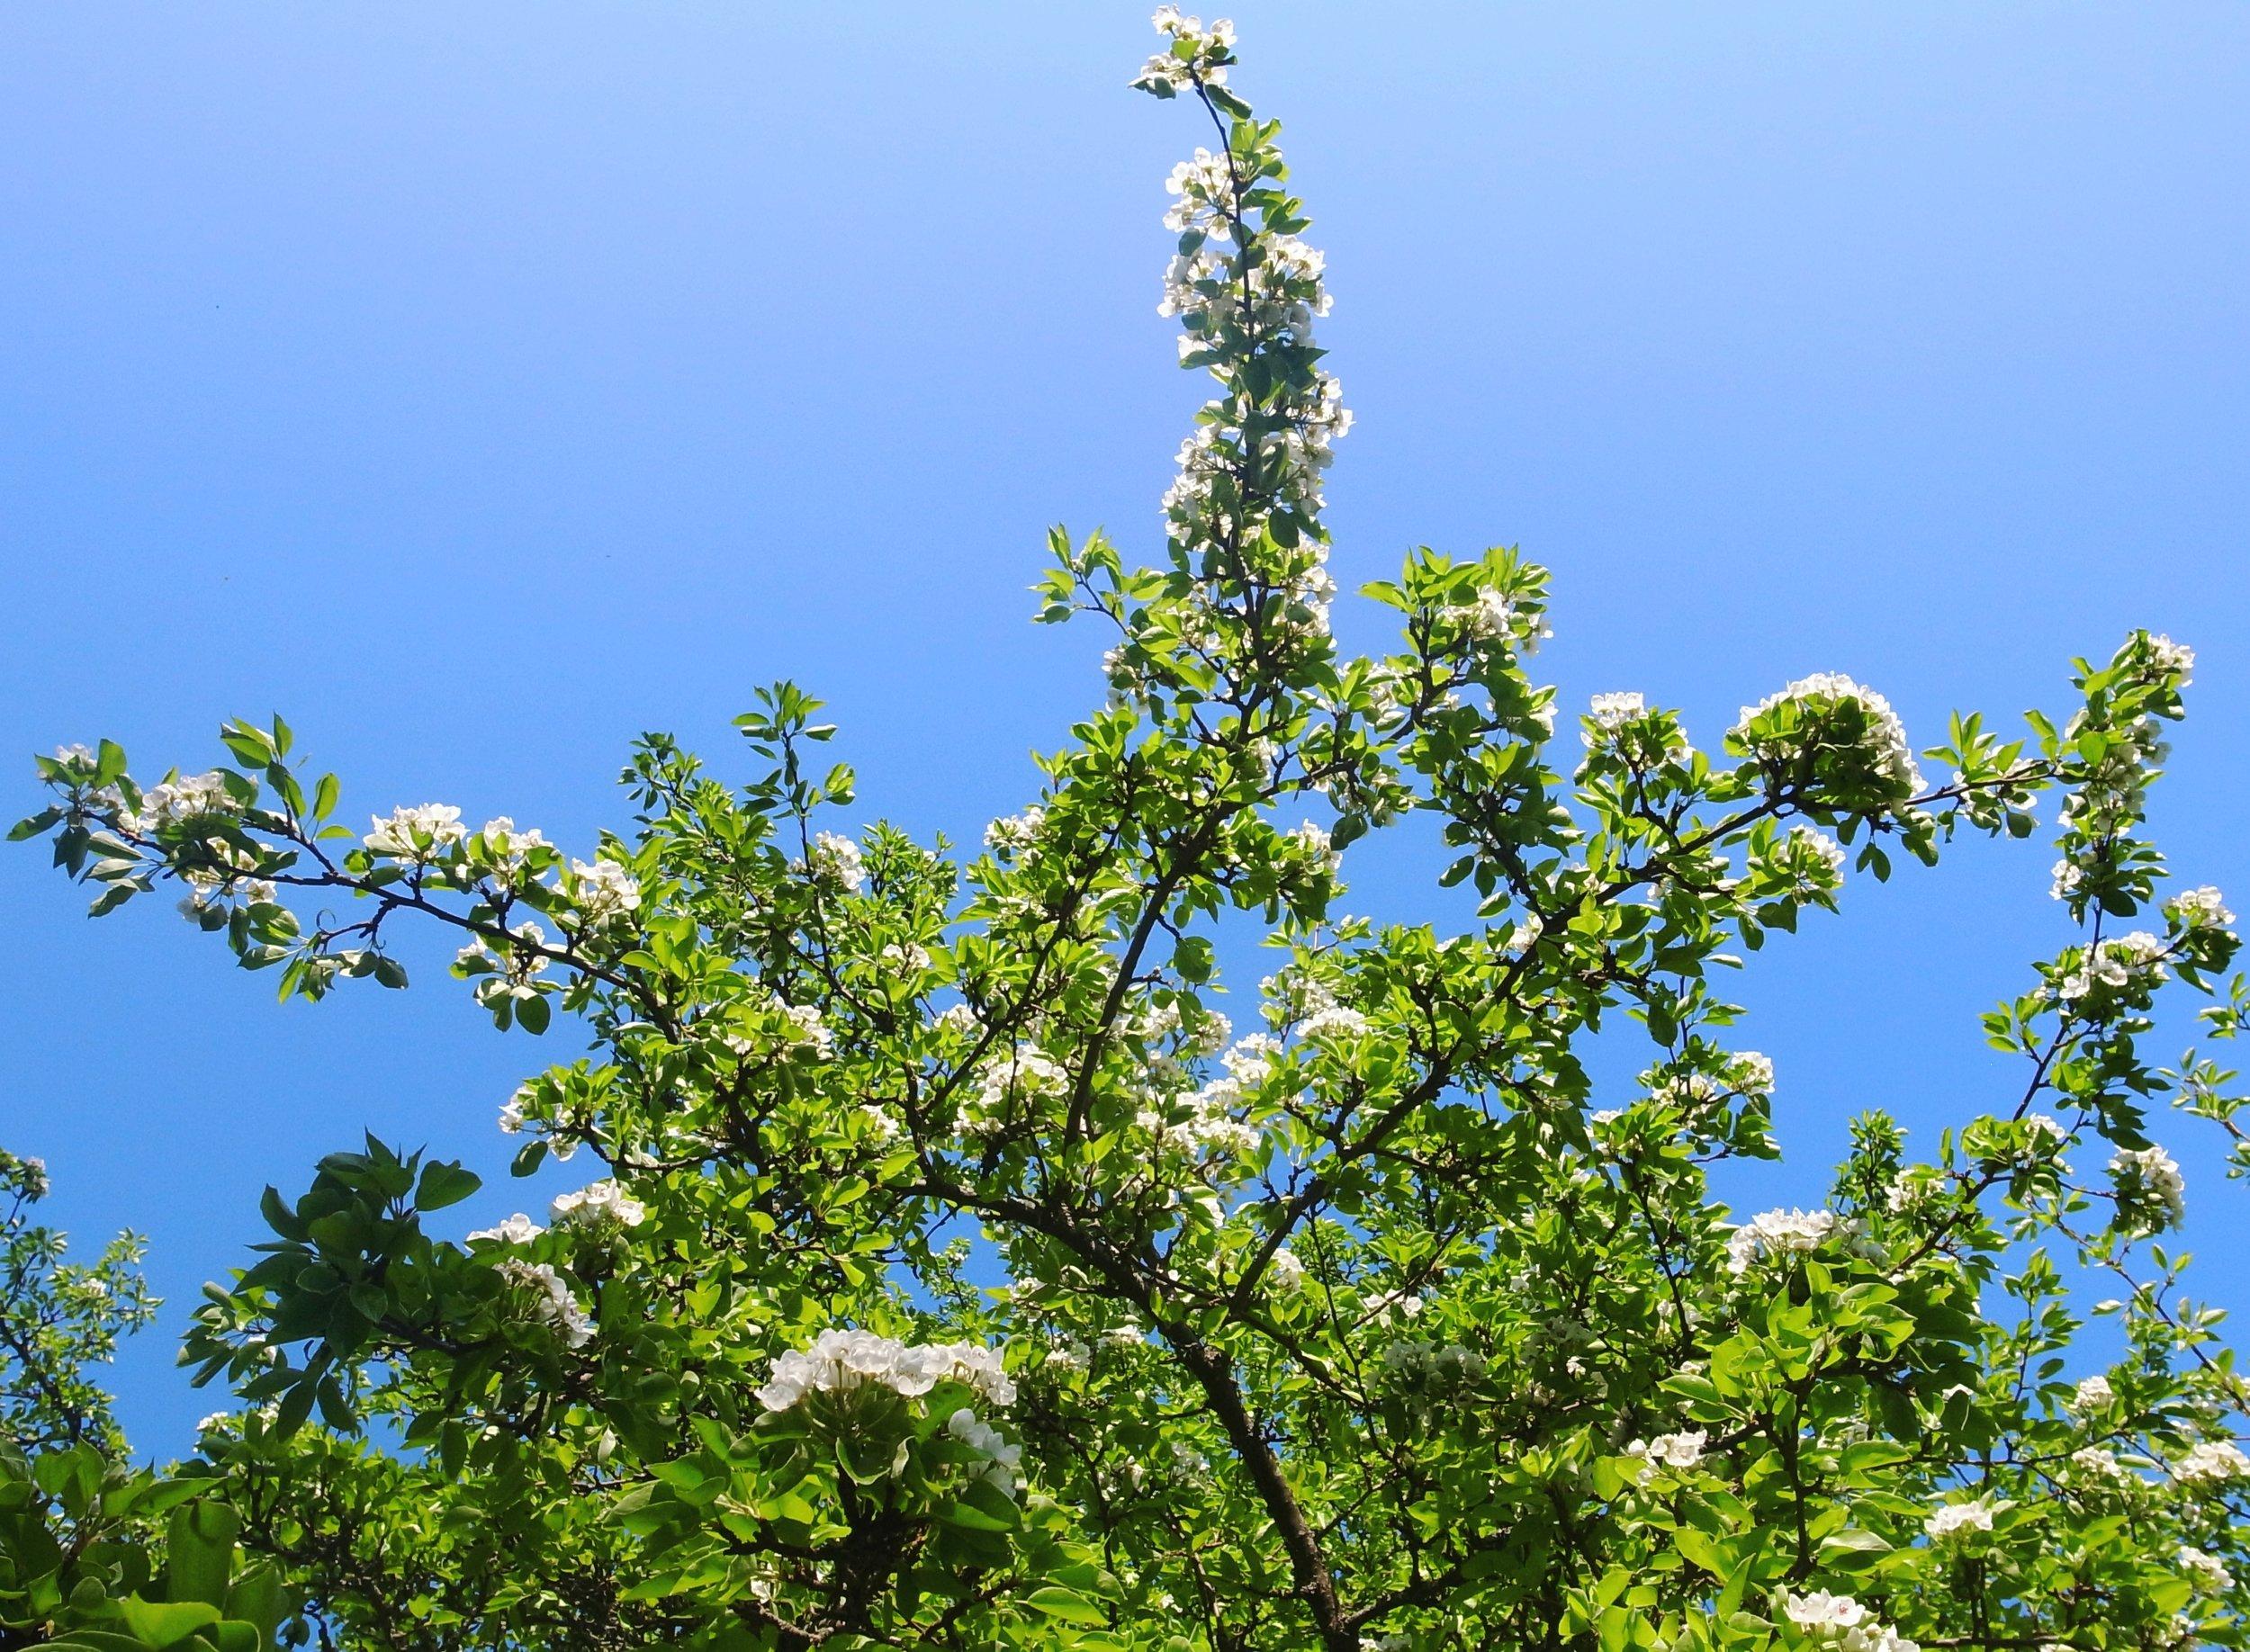 o19o52o  När pärombloms knoppar brustit. De vårens blomster vilka generöst sprider flortöcken har jag hungrigt nosat på & de doftmässigt försynta; körsbär & päron, har förevigats i kameraöga.